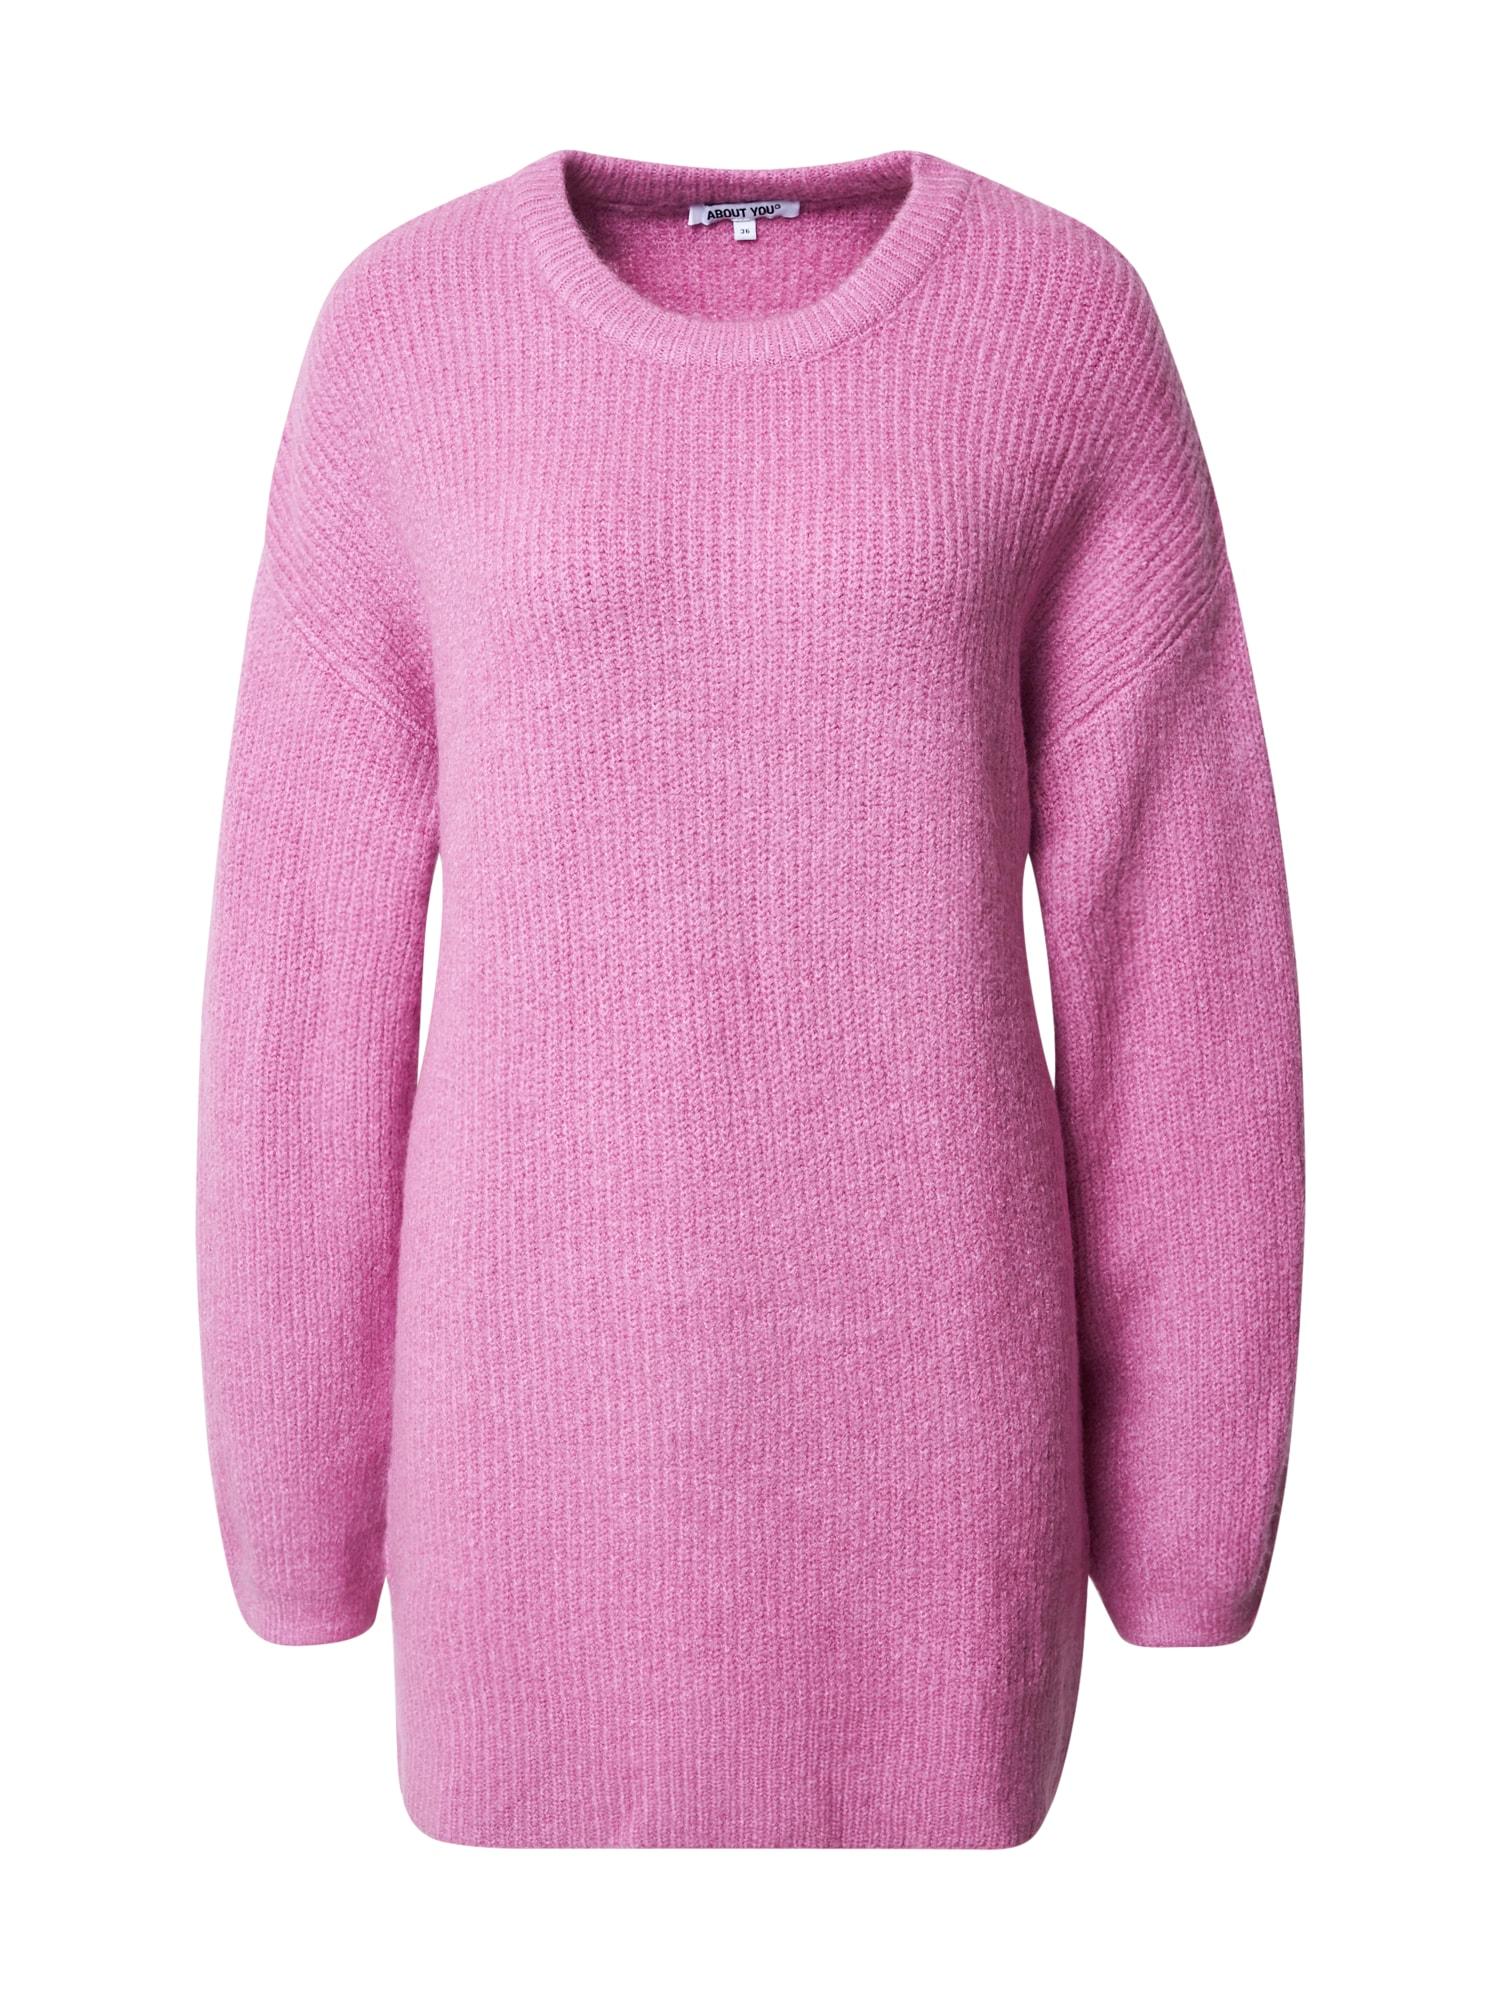 ABOUT YOU Laisvas megztinis 'Mina' alyvinė spalva / purpurinė